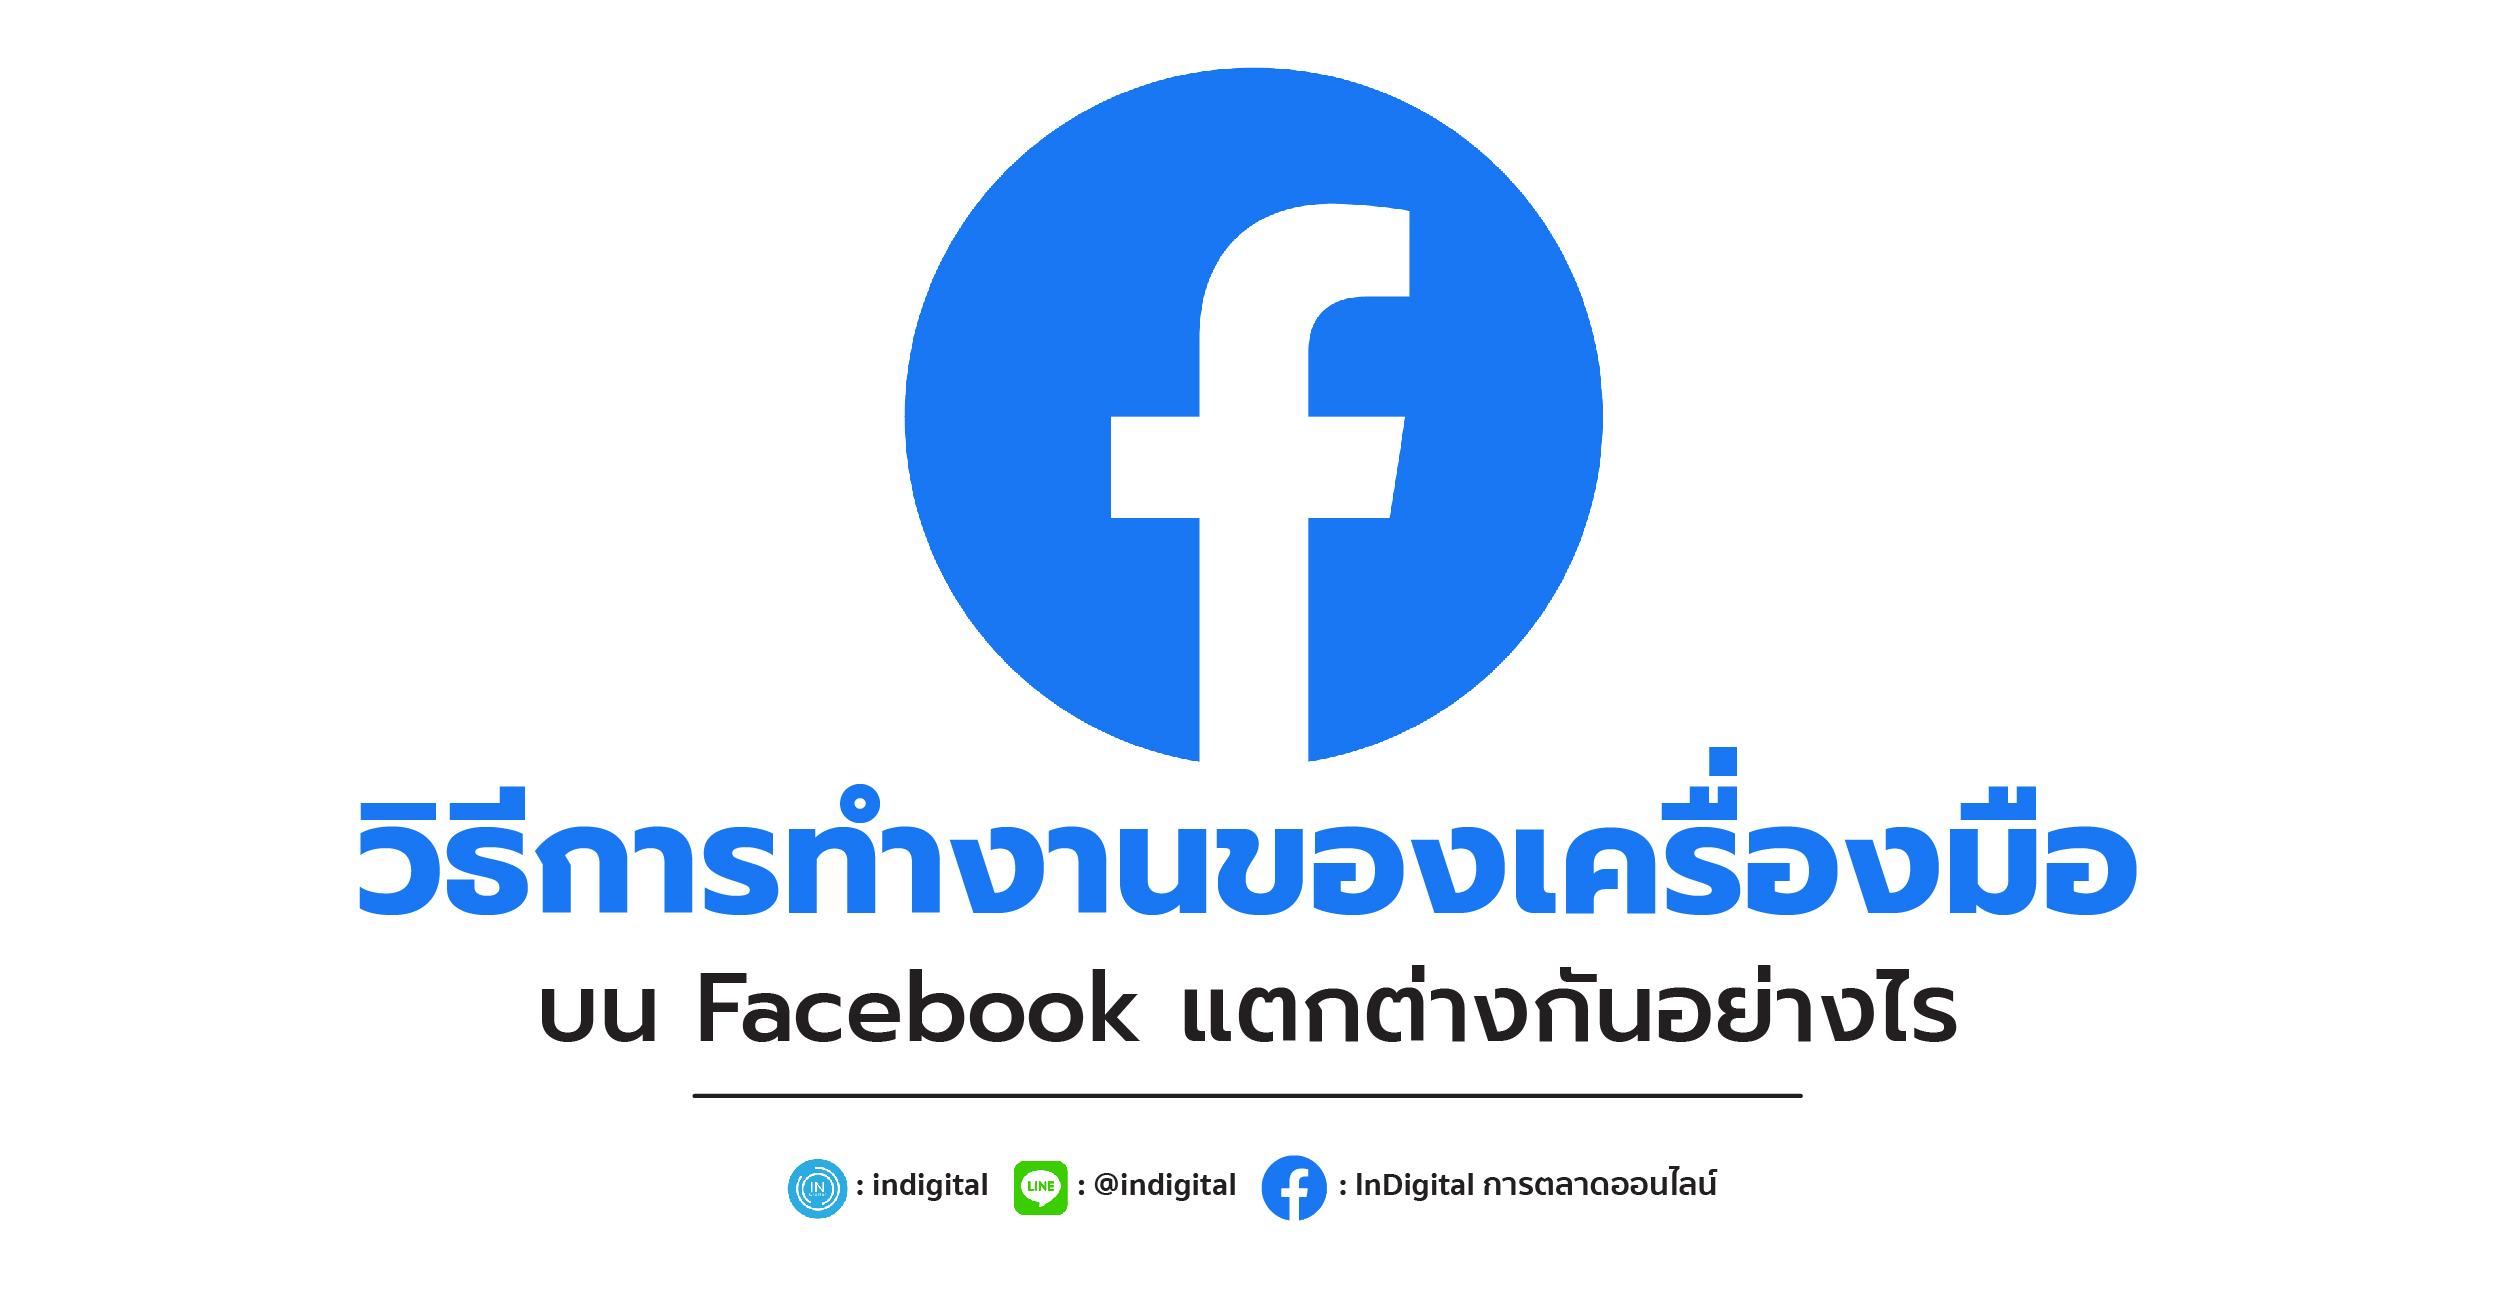 วิธีการทำงานของเครื่องมือบน Facebook แตกต่างกันอย่างไร